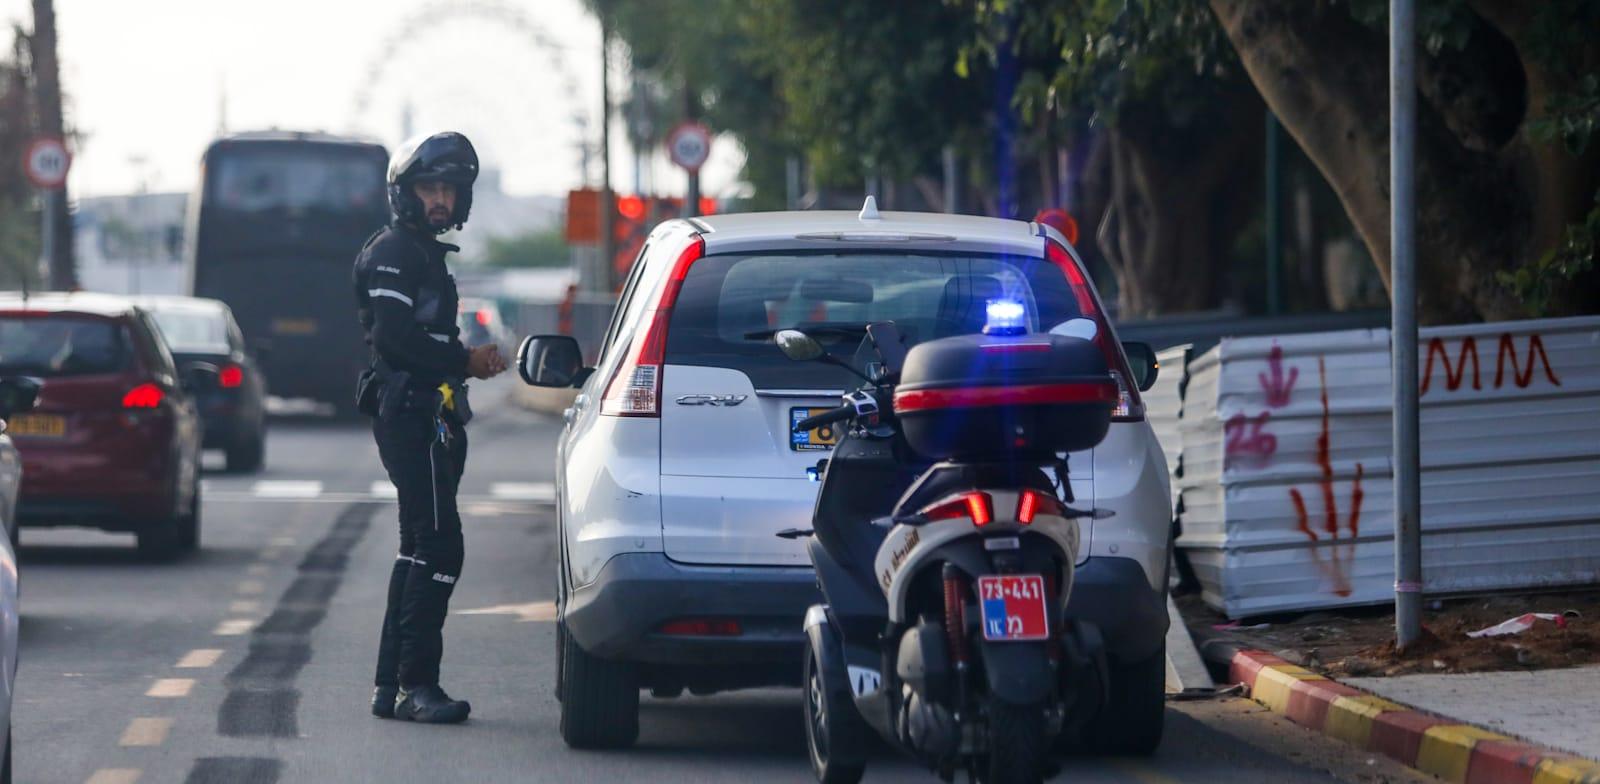 אנשים שמצייתים לחוקי התנועה מצייתים יותר גם לחוקי הקורונה ולהיפך / צילום: שלומי יוסף